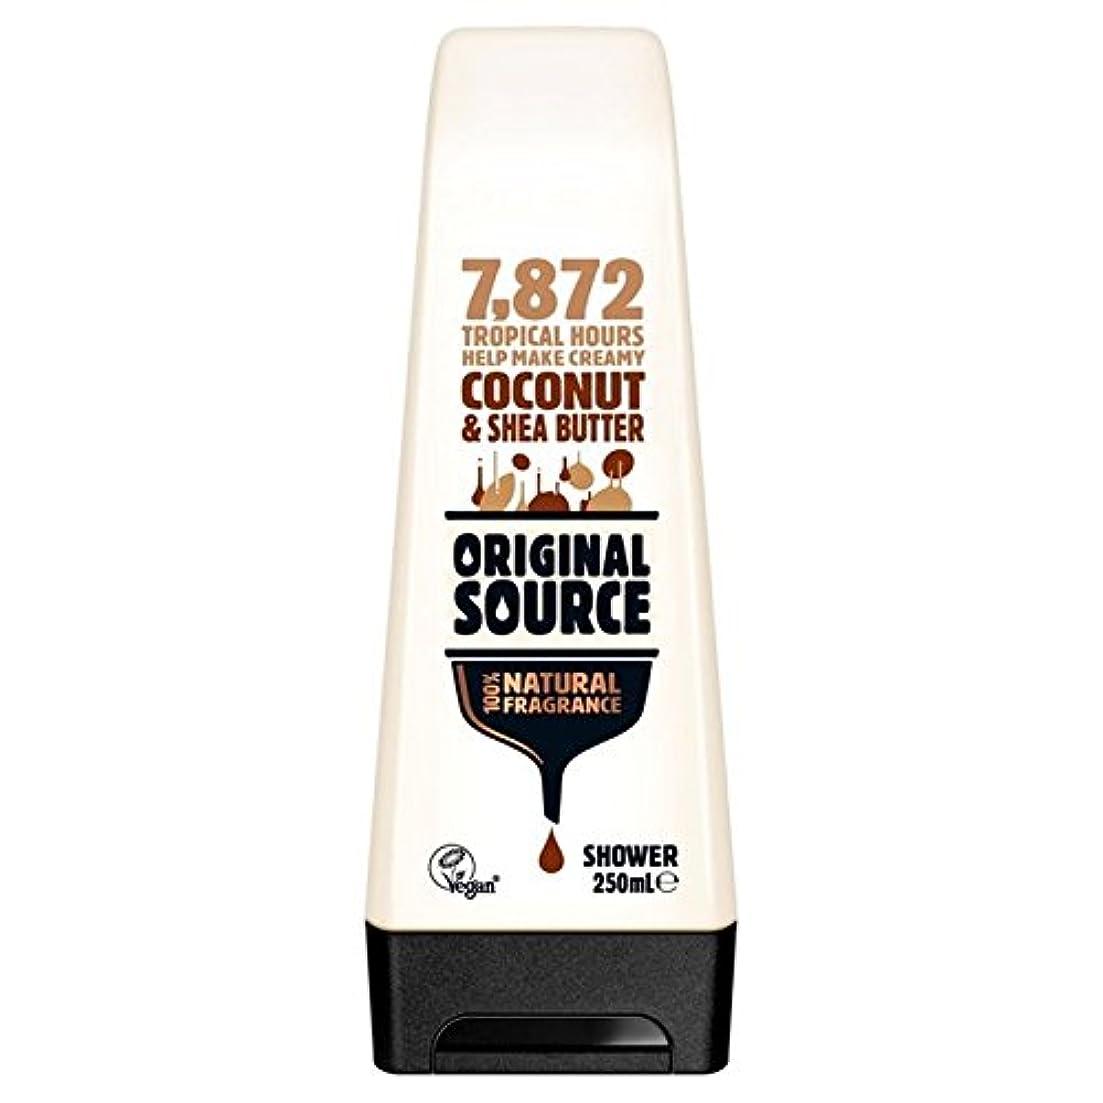 インスタントオークランド雷雨元のソース保湿ココナッツ&シアバターシャワージェル250ミリリットル x2 - Original Source Moisturising Coconut & Shea Butter Shower Gel 250ml (Pack of 2) [並行輸入品]